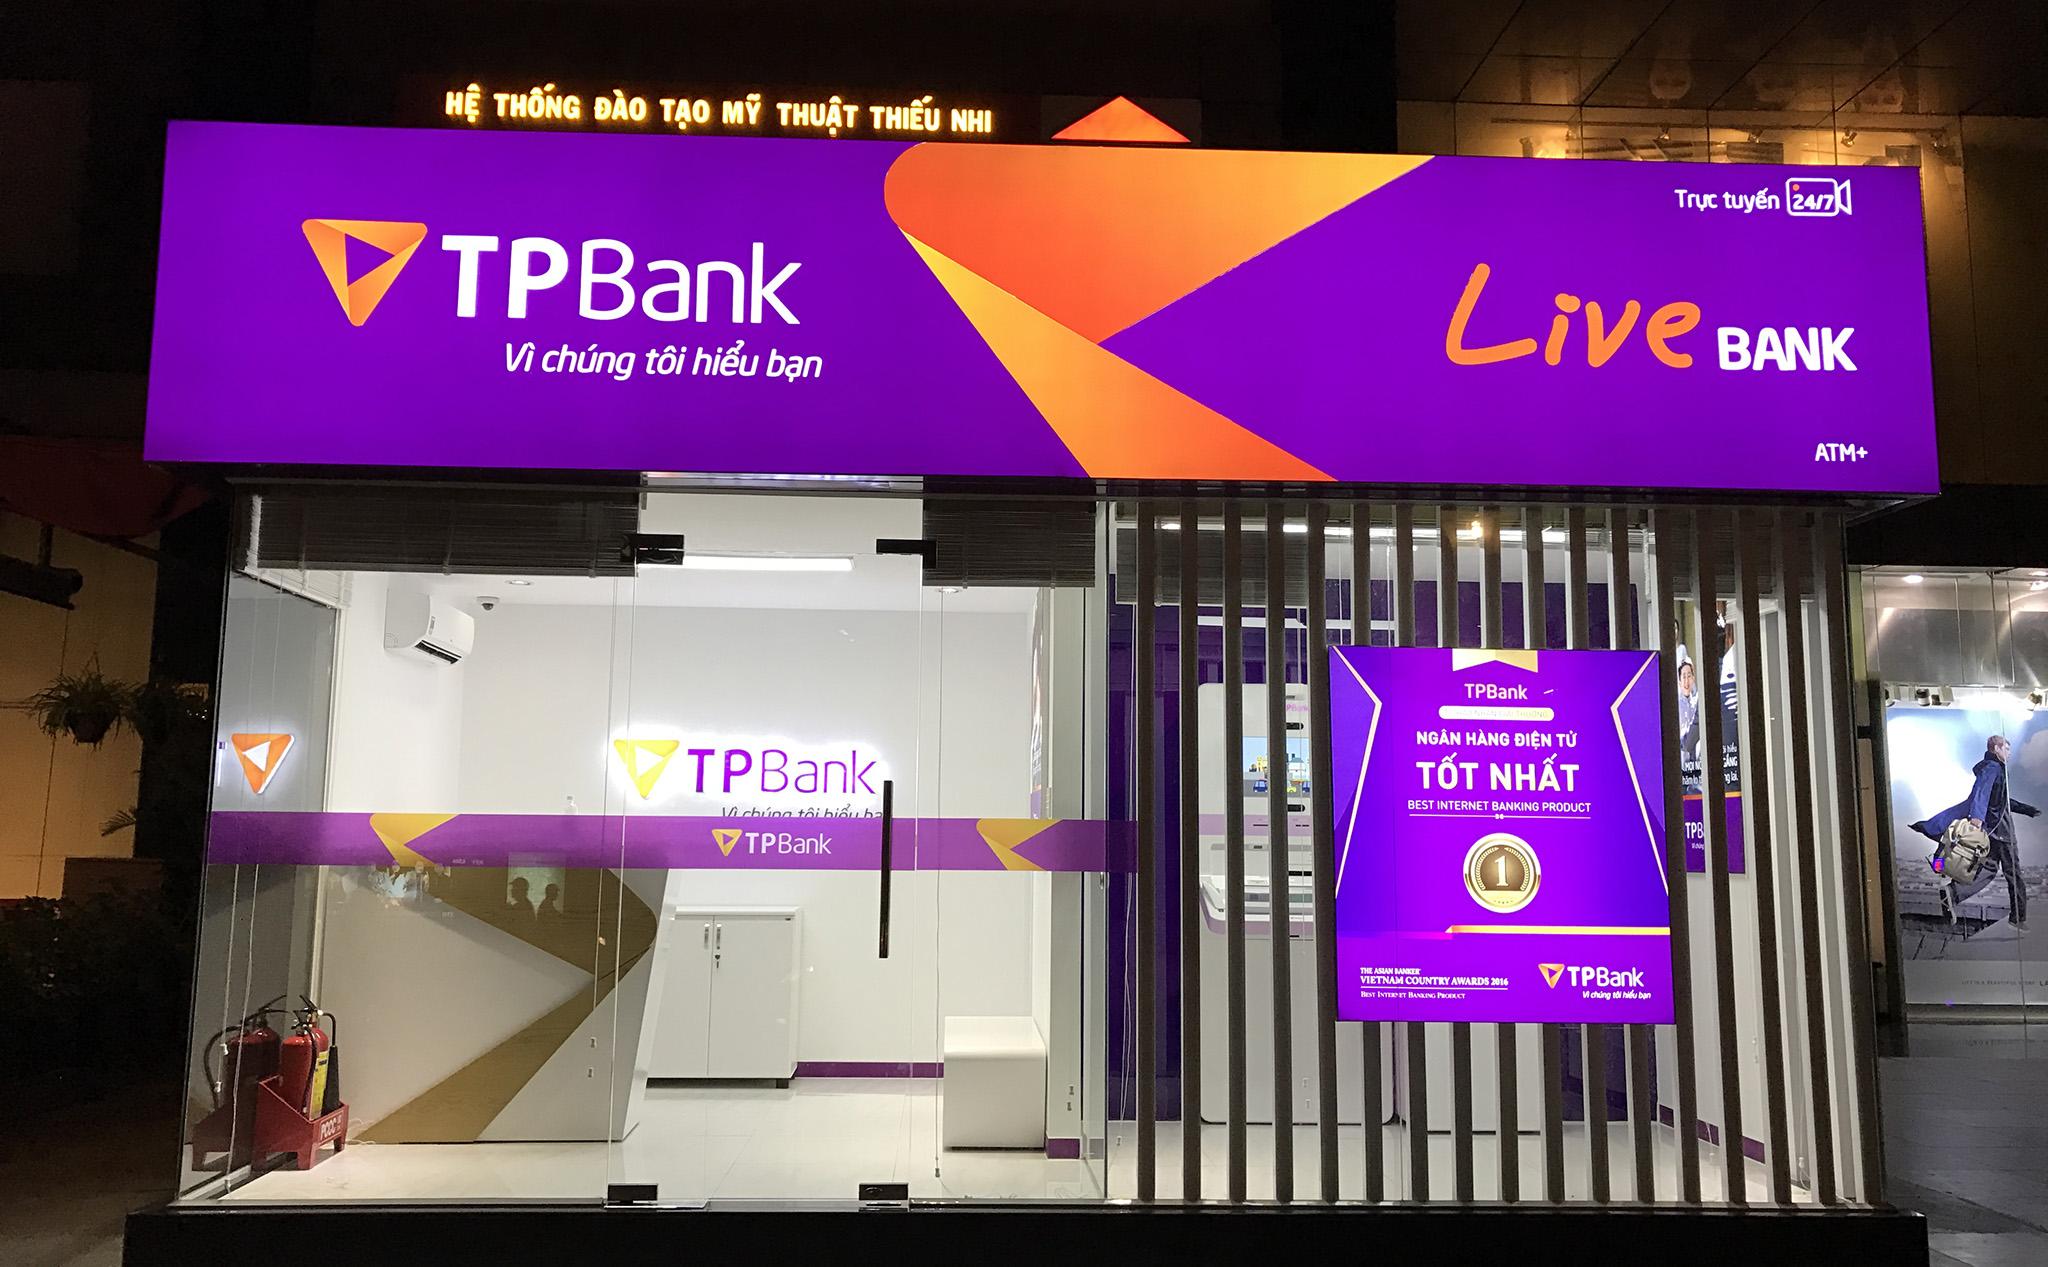 TPBank chuẩn bị bán hơn 40 triệu cổ phiếu quỹ - Ảnh 1.